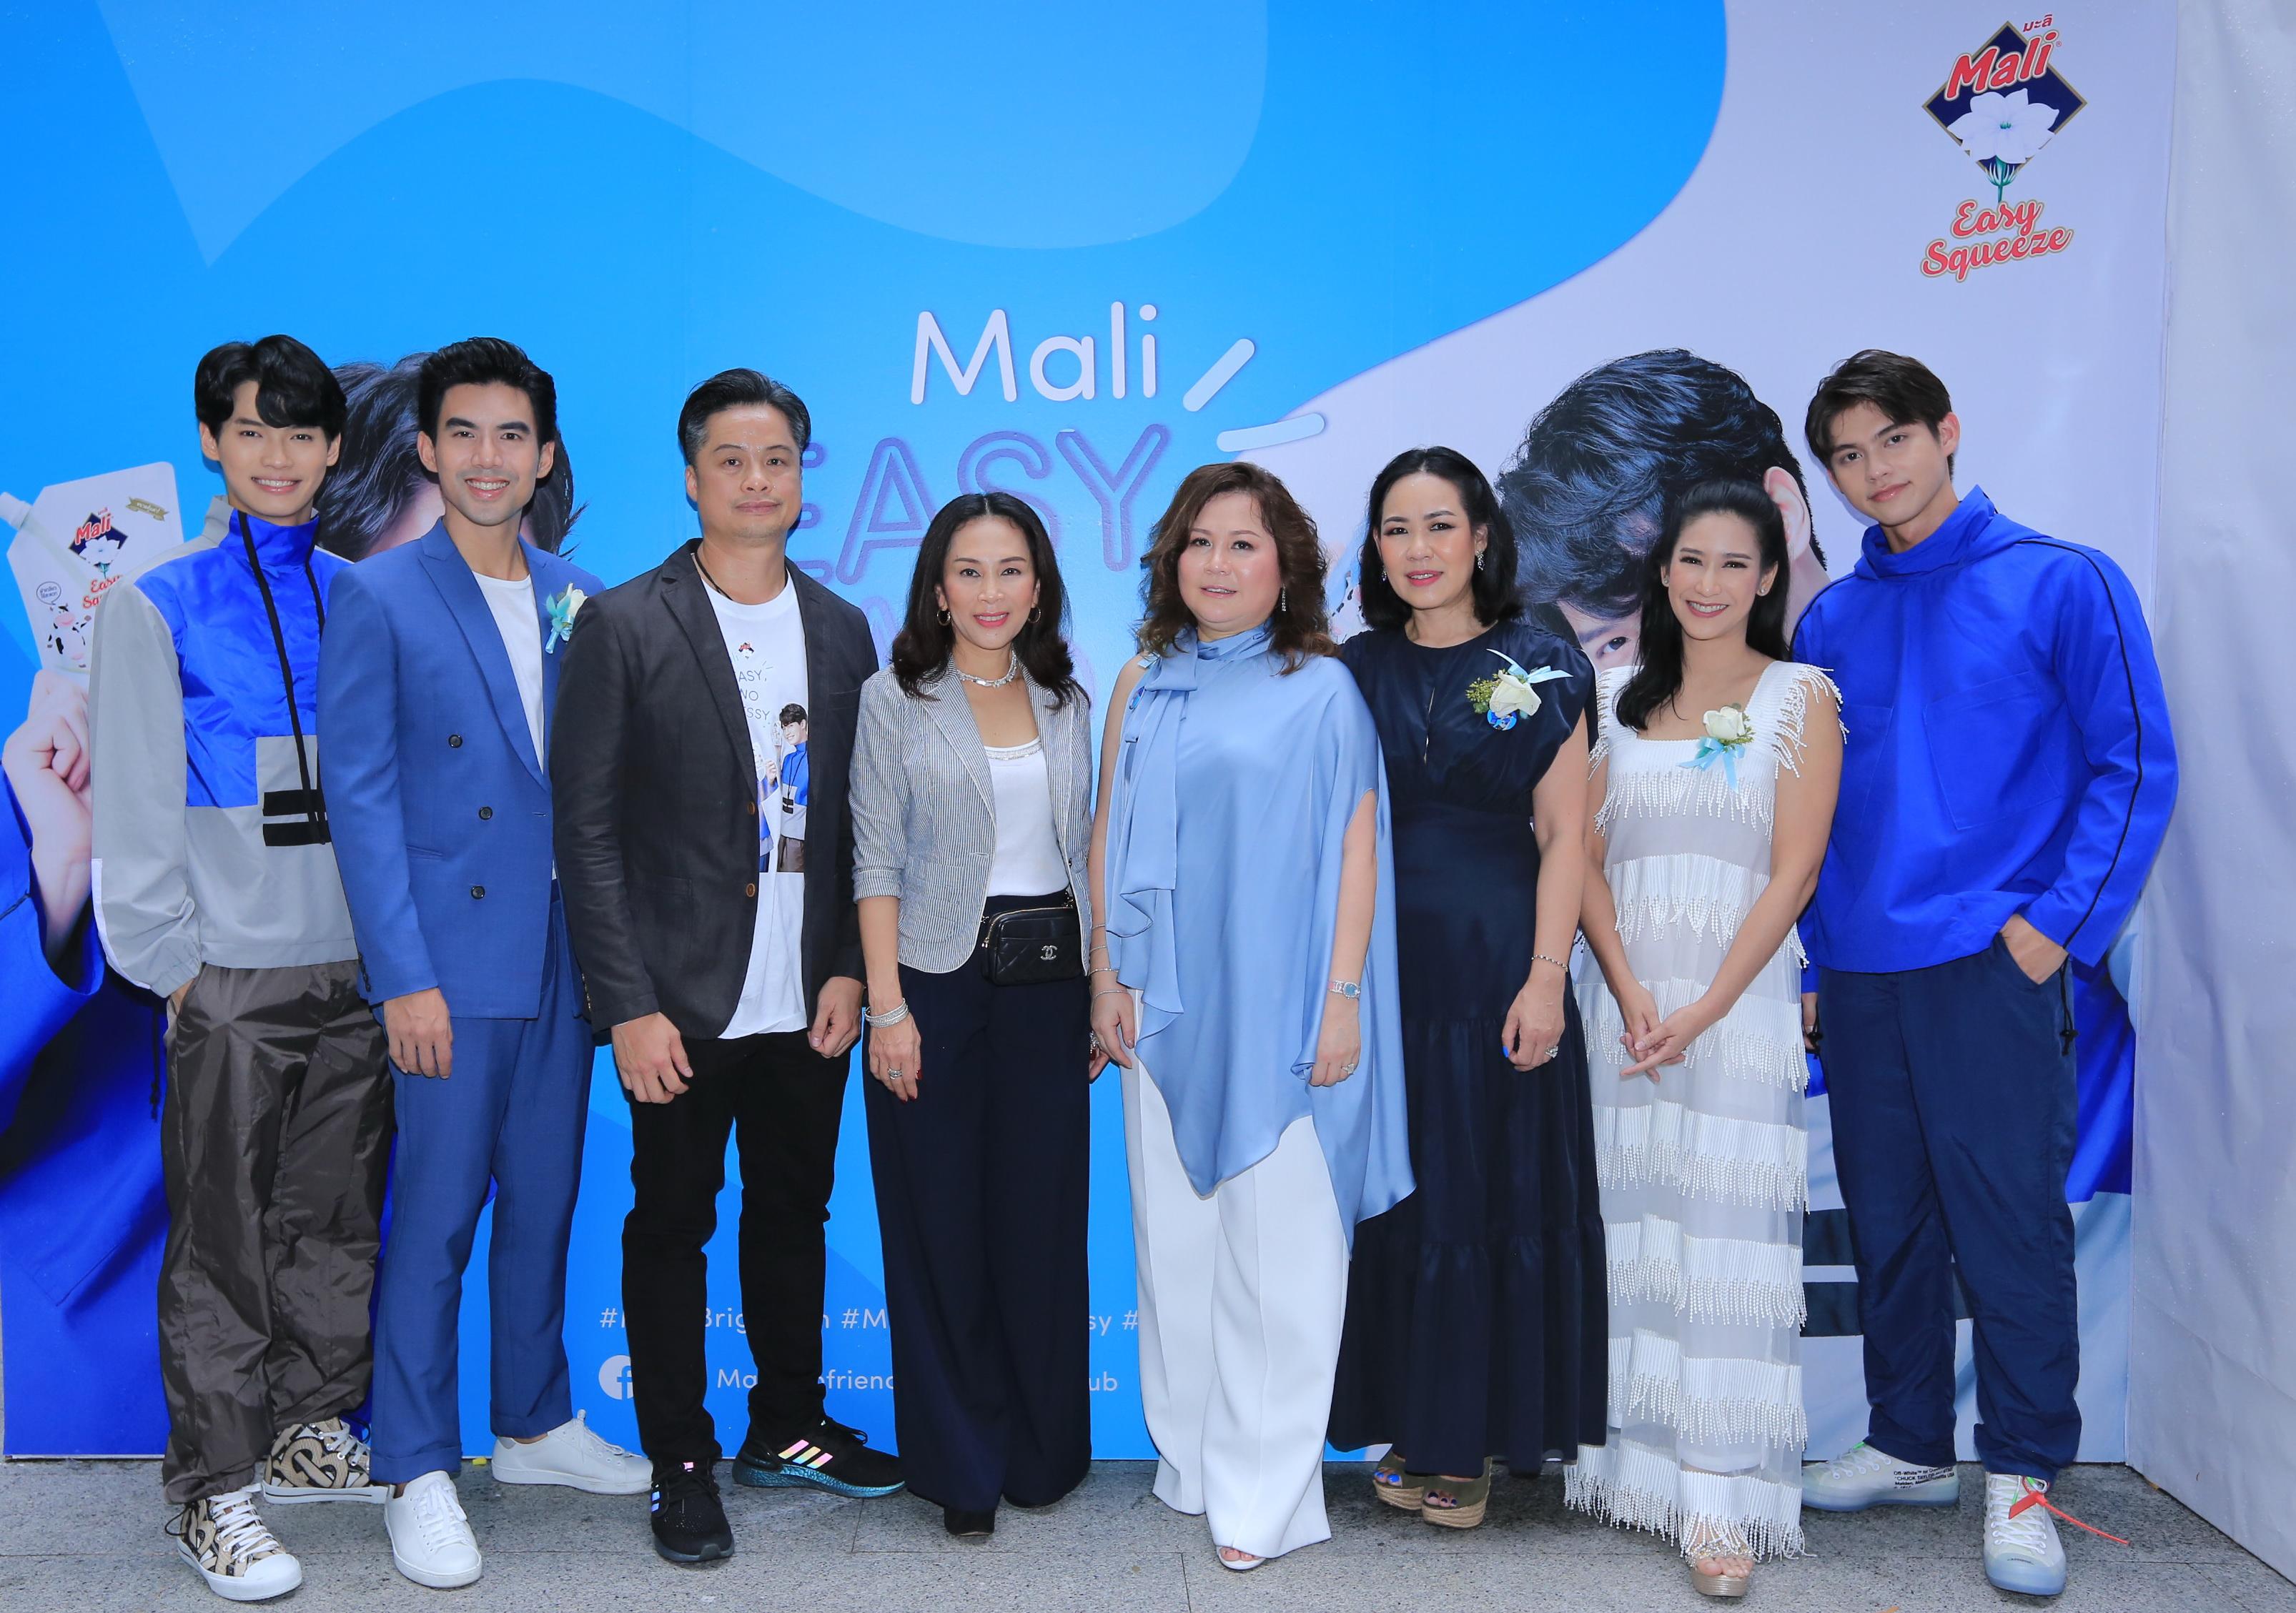 เจ้าแรกในไทย นมตรามะลิ เปิดตัวผลิตภัณฑ์ใหม่ นมข้นหวาน ตรามะลิ ชนิดถุง ฝาเกลียว สำนักพิมพ์แม่บ้าน